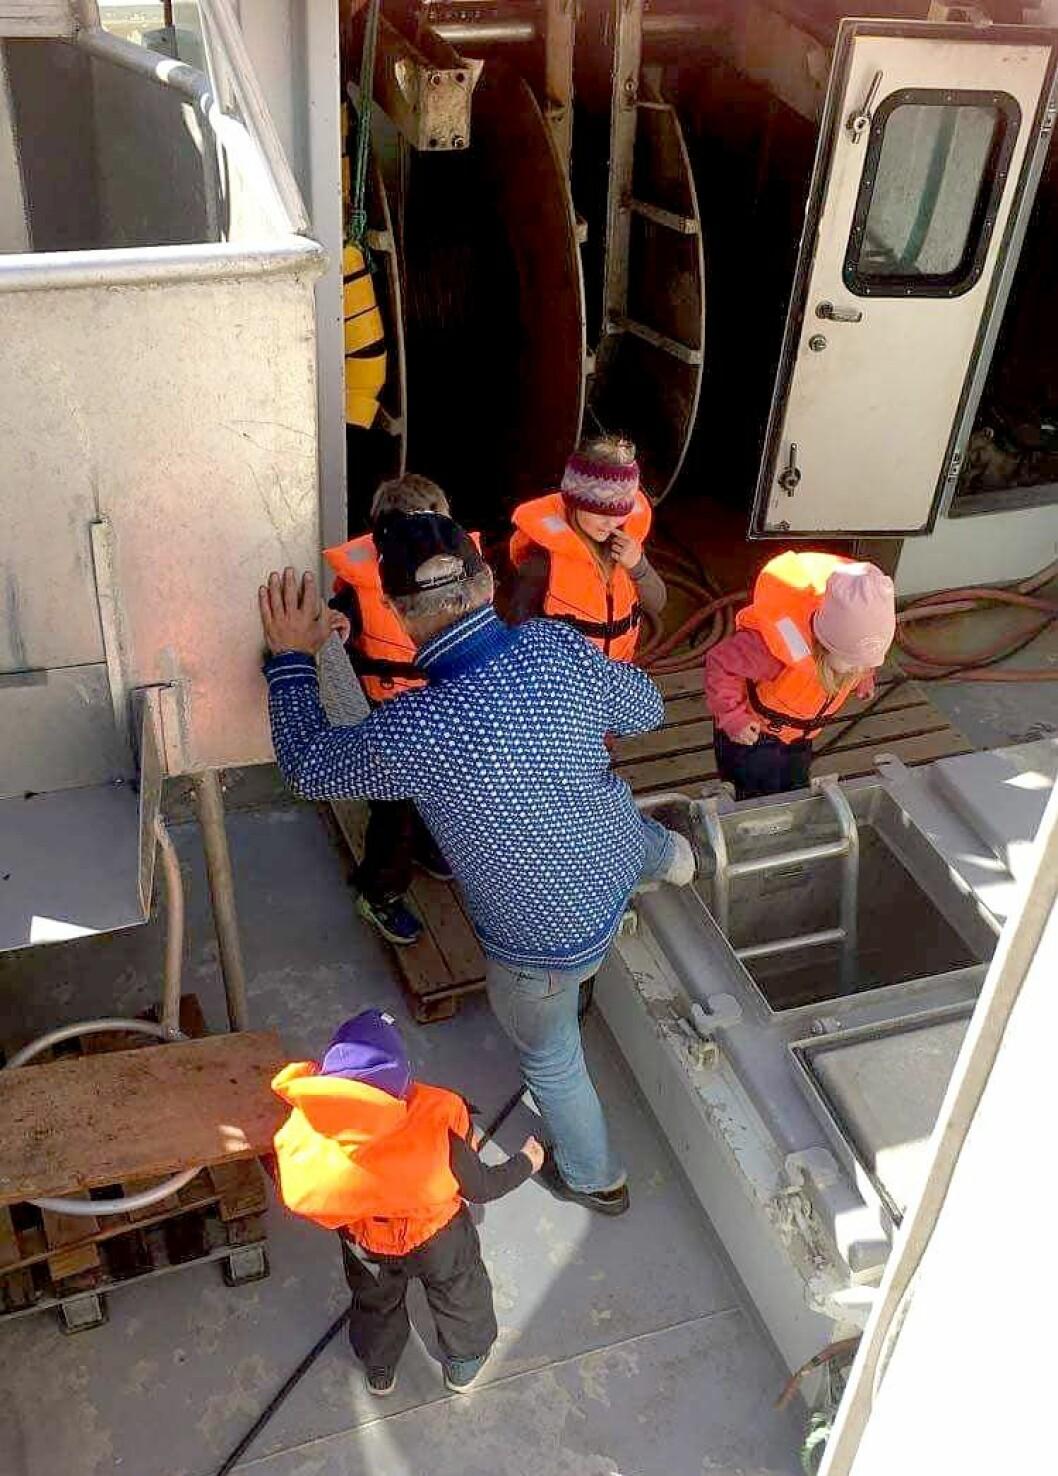 Barna i Jektvik barnehage fikk blant annet komme ombord i reketråleren. Det var stor stas.